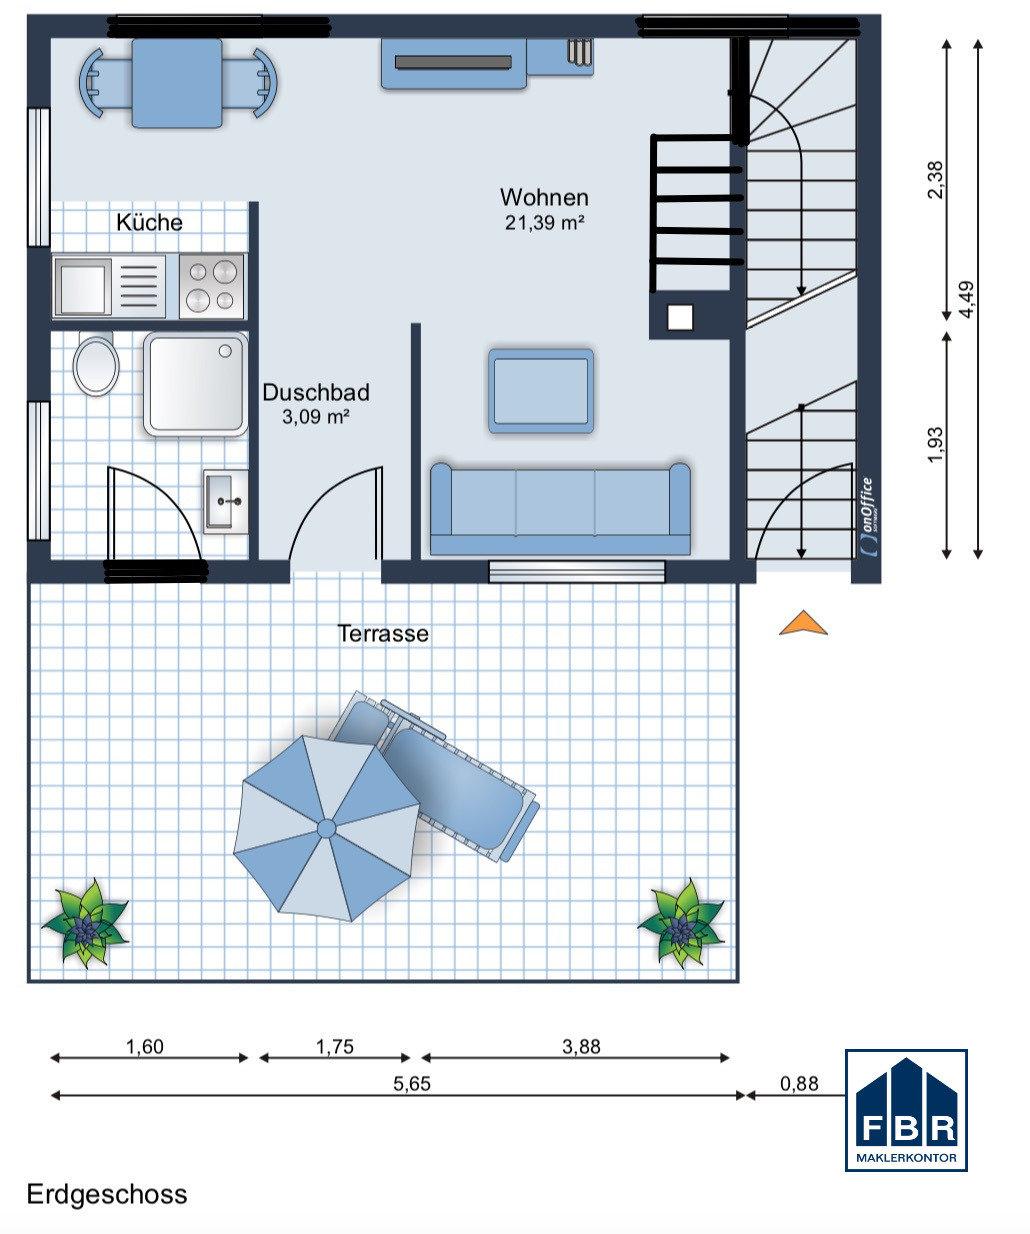 Erdgeschoss Möbliervorschlag